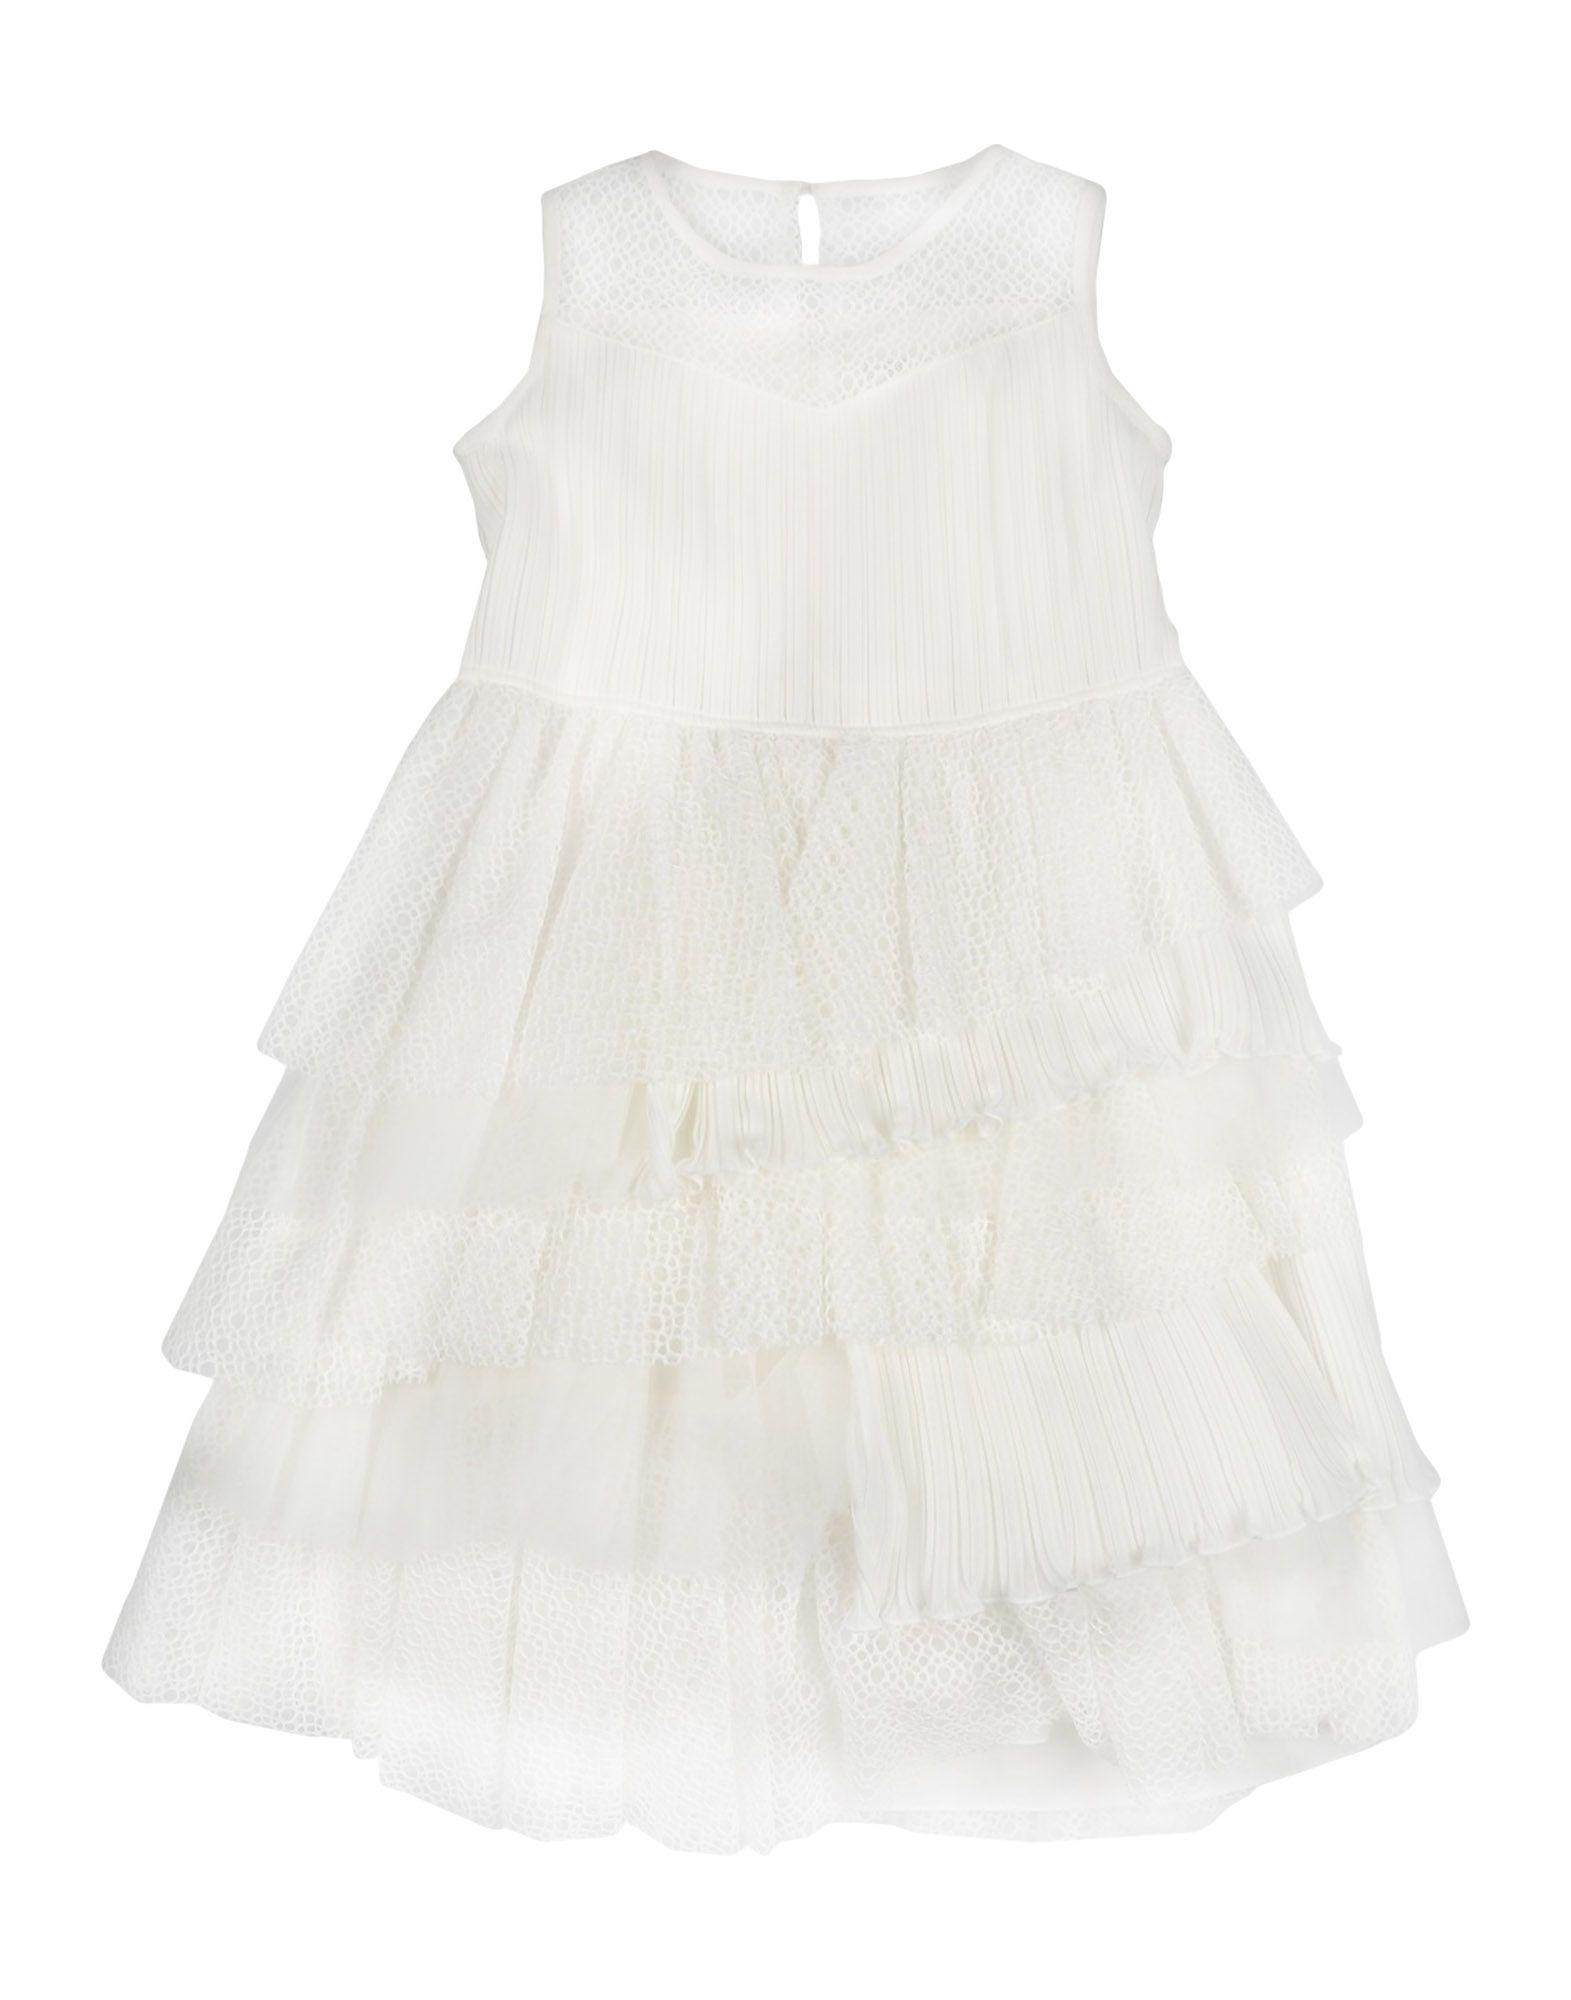 《送料無料》ALETTA ガールズ 3-8 歳 ワンピース&ドレス ホワイト 6 ナイロン 77% / ポリエステル 14% / ポリウレタン 9%